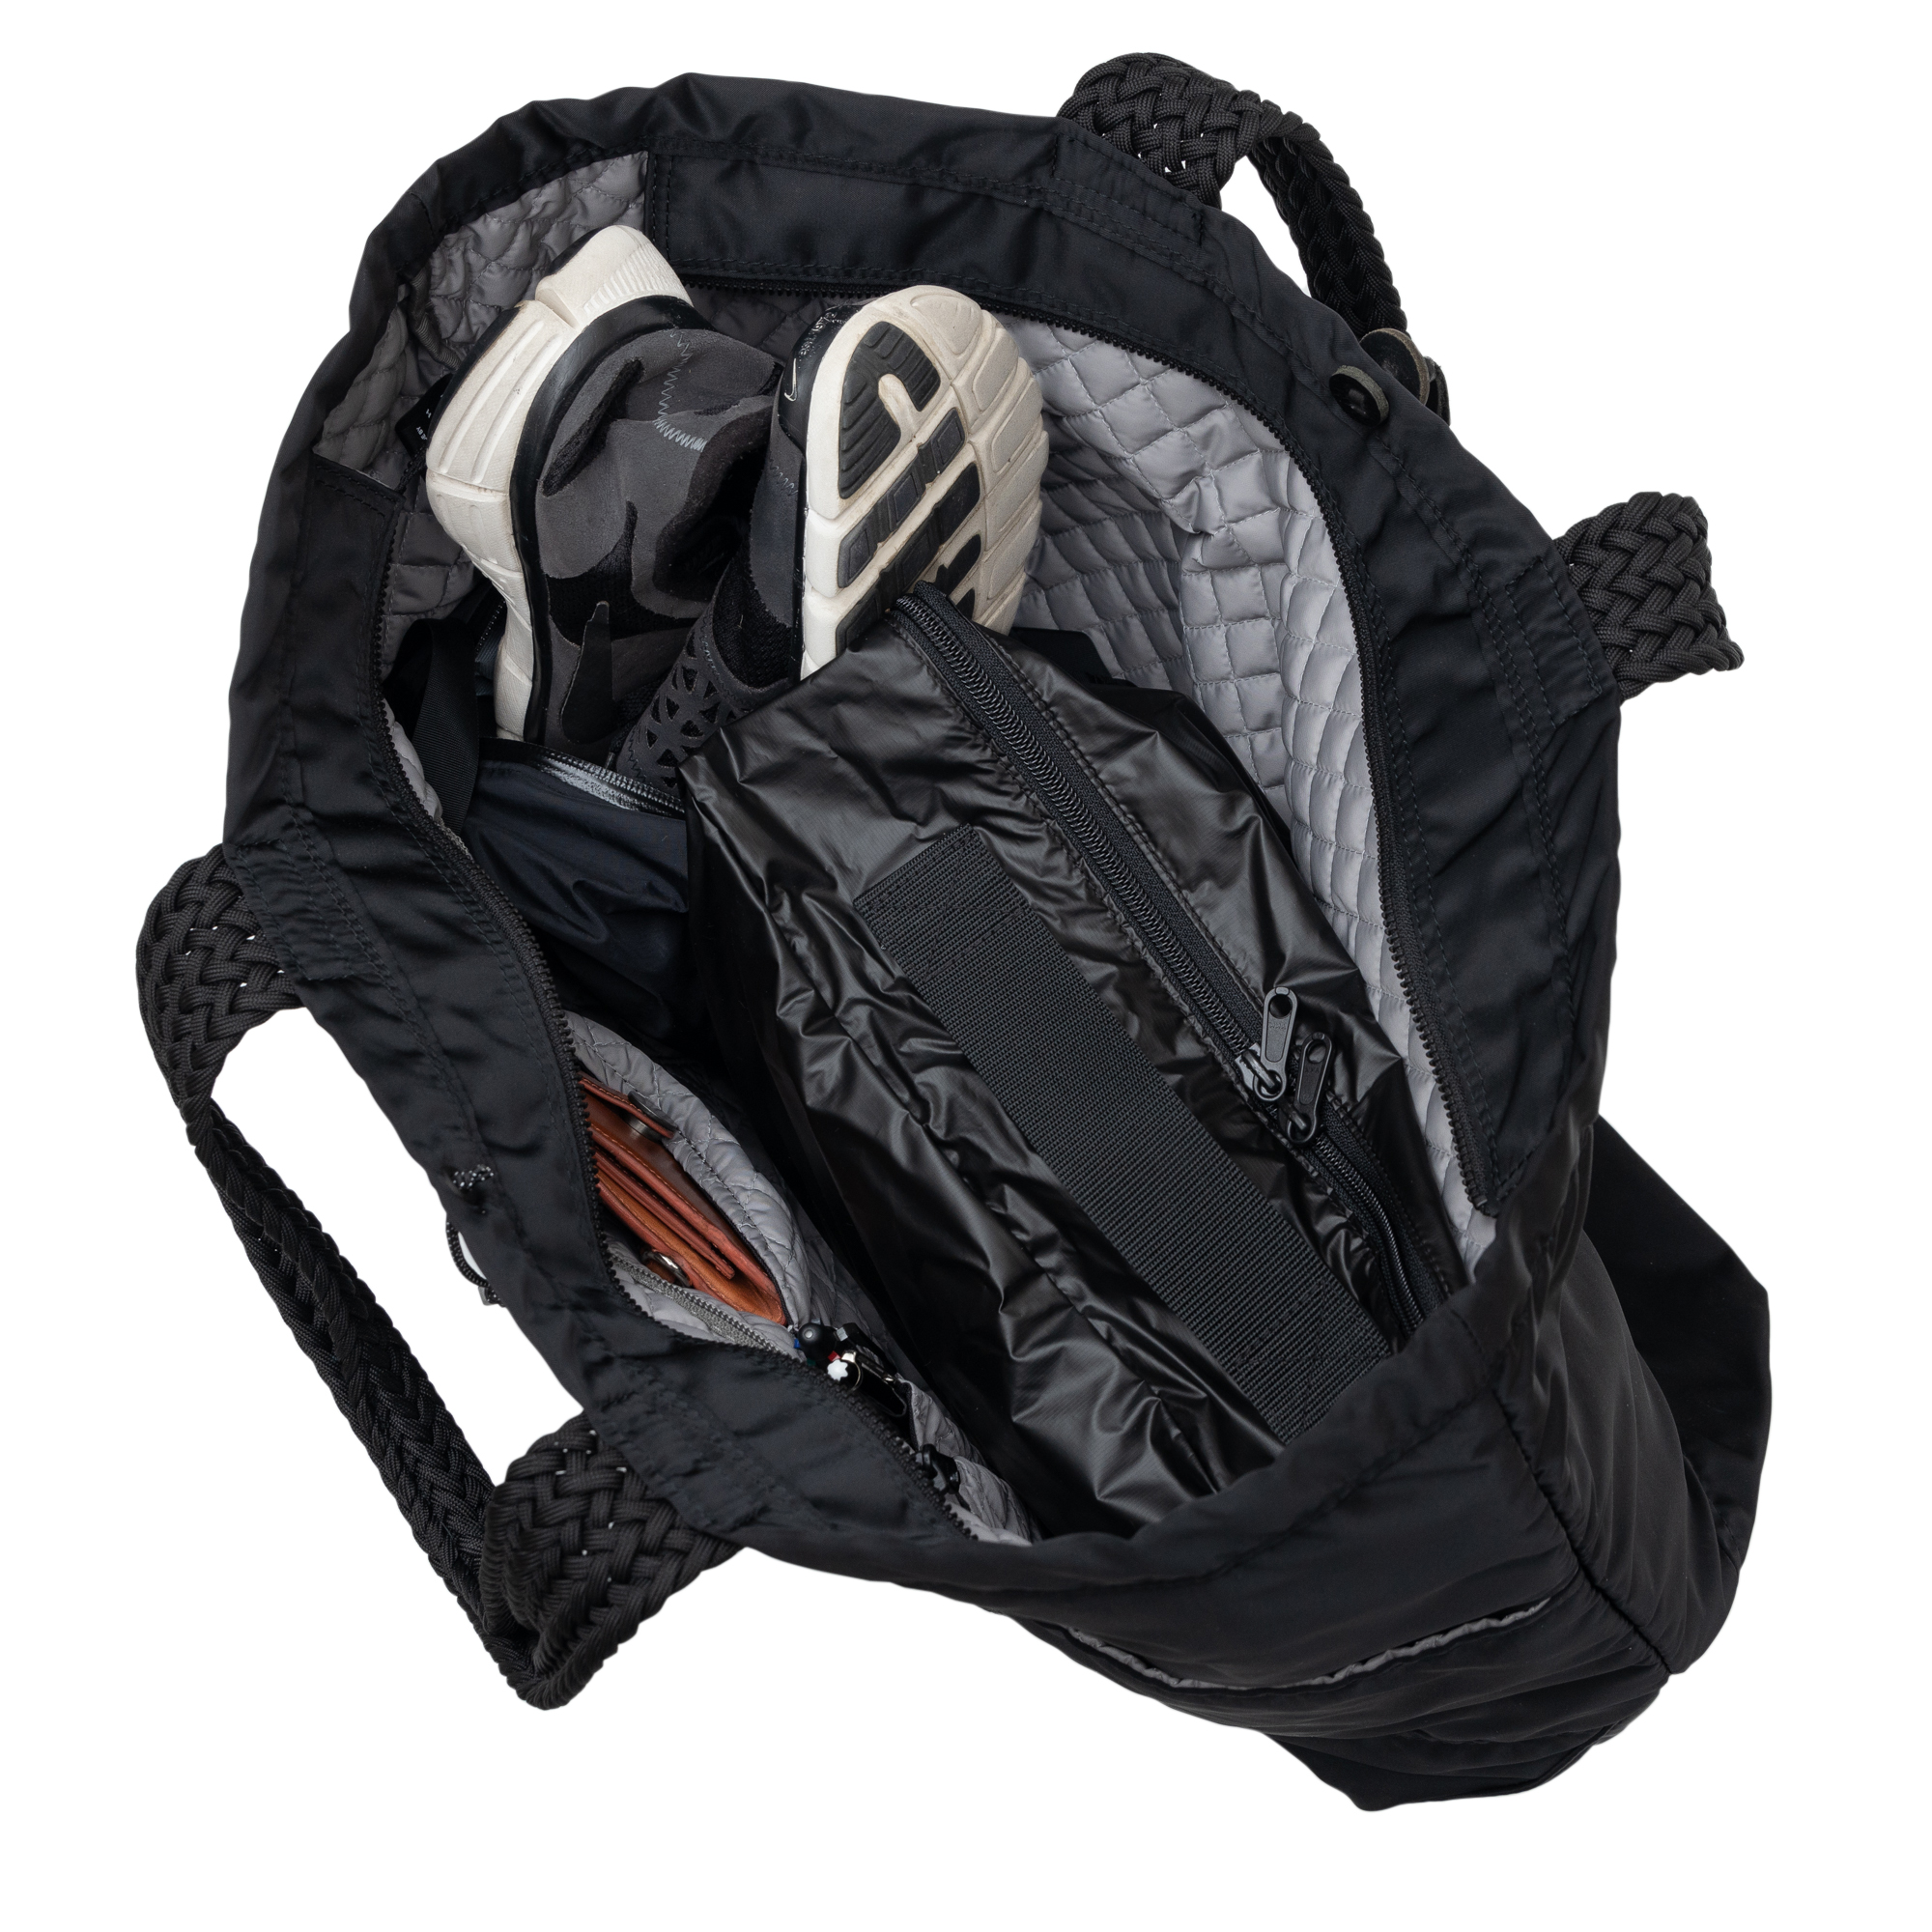 バルコニー トートバッグ -XL ブラック画像その5